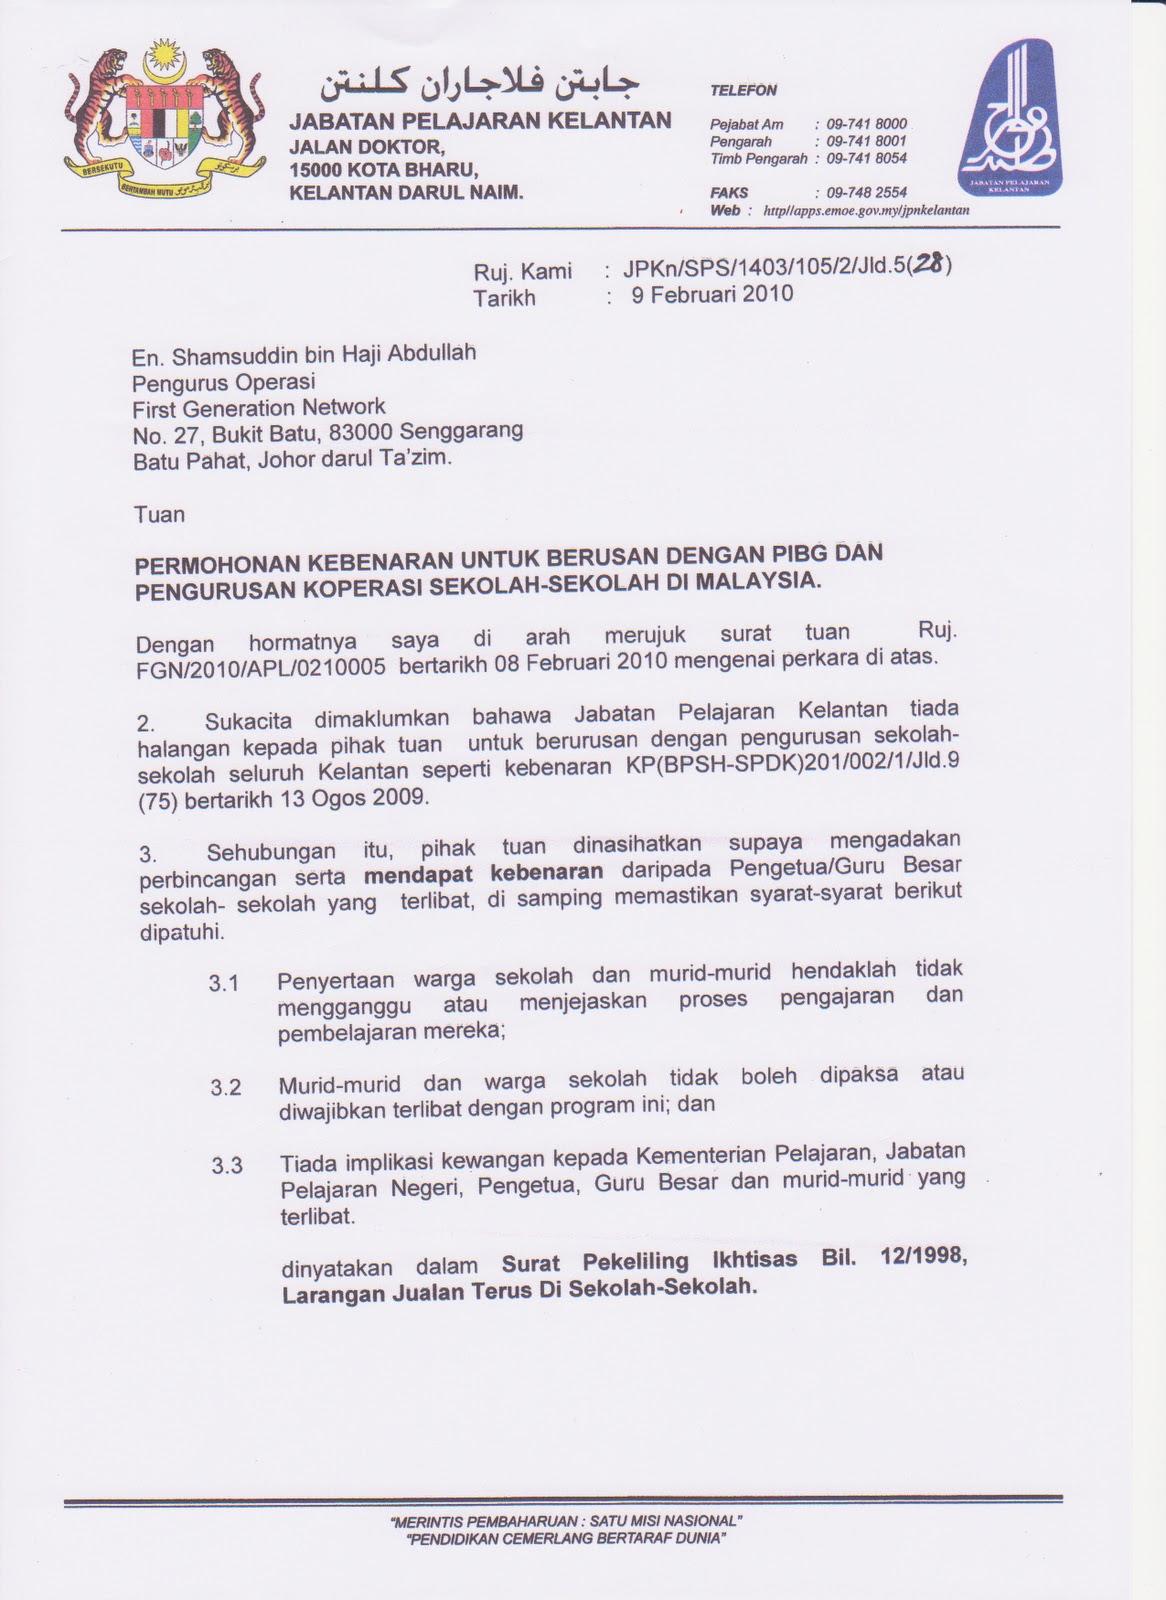 Surat Sokongan Kementerian Pelajaran Malaysia